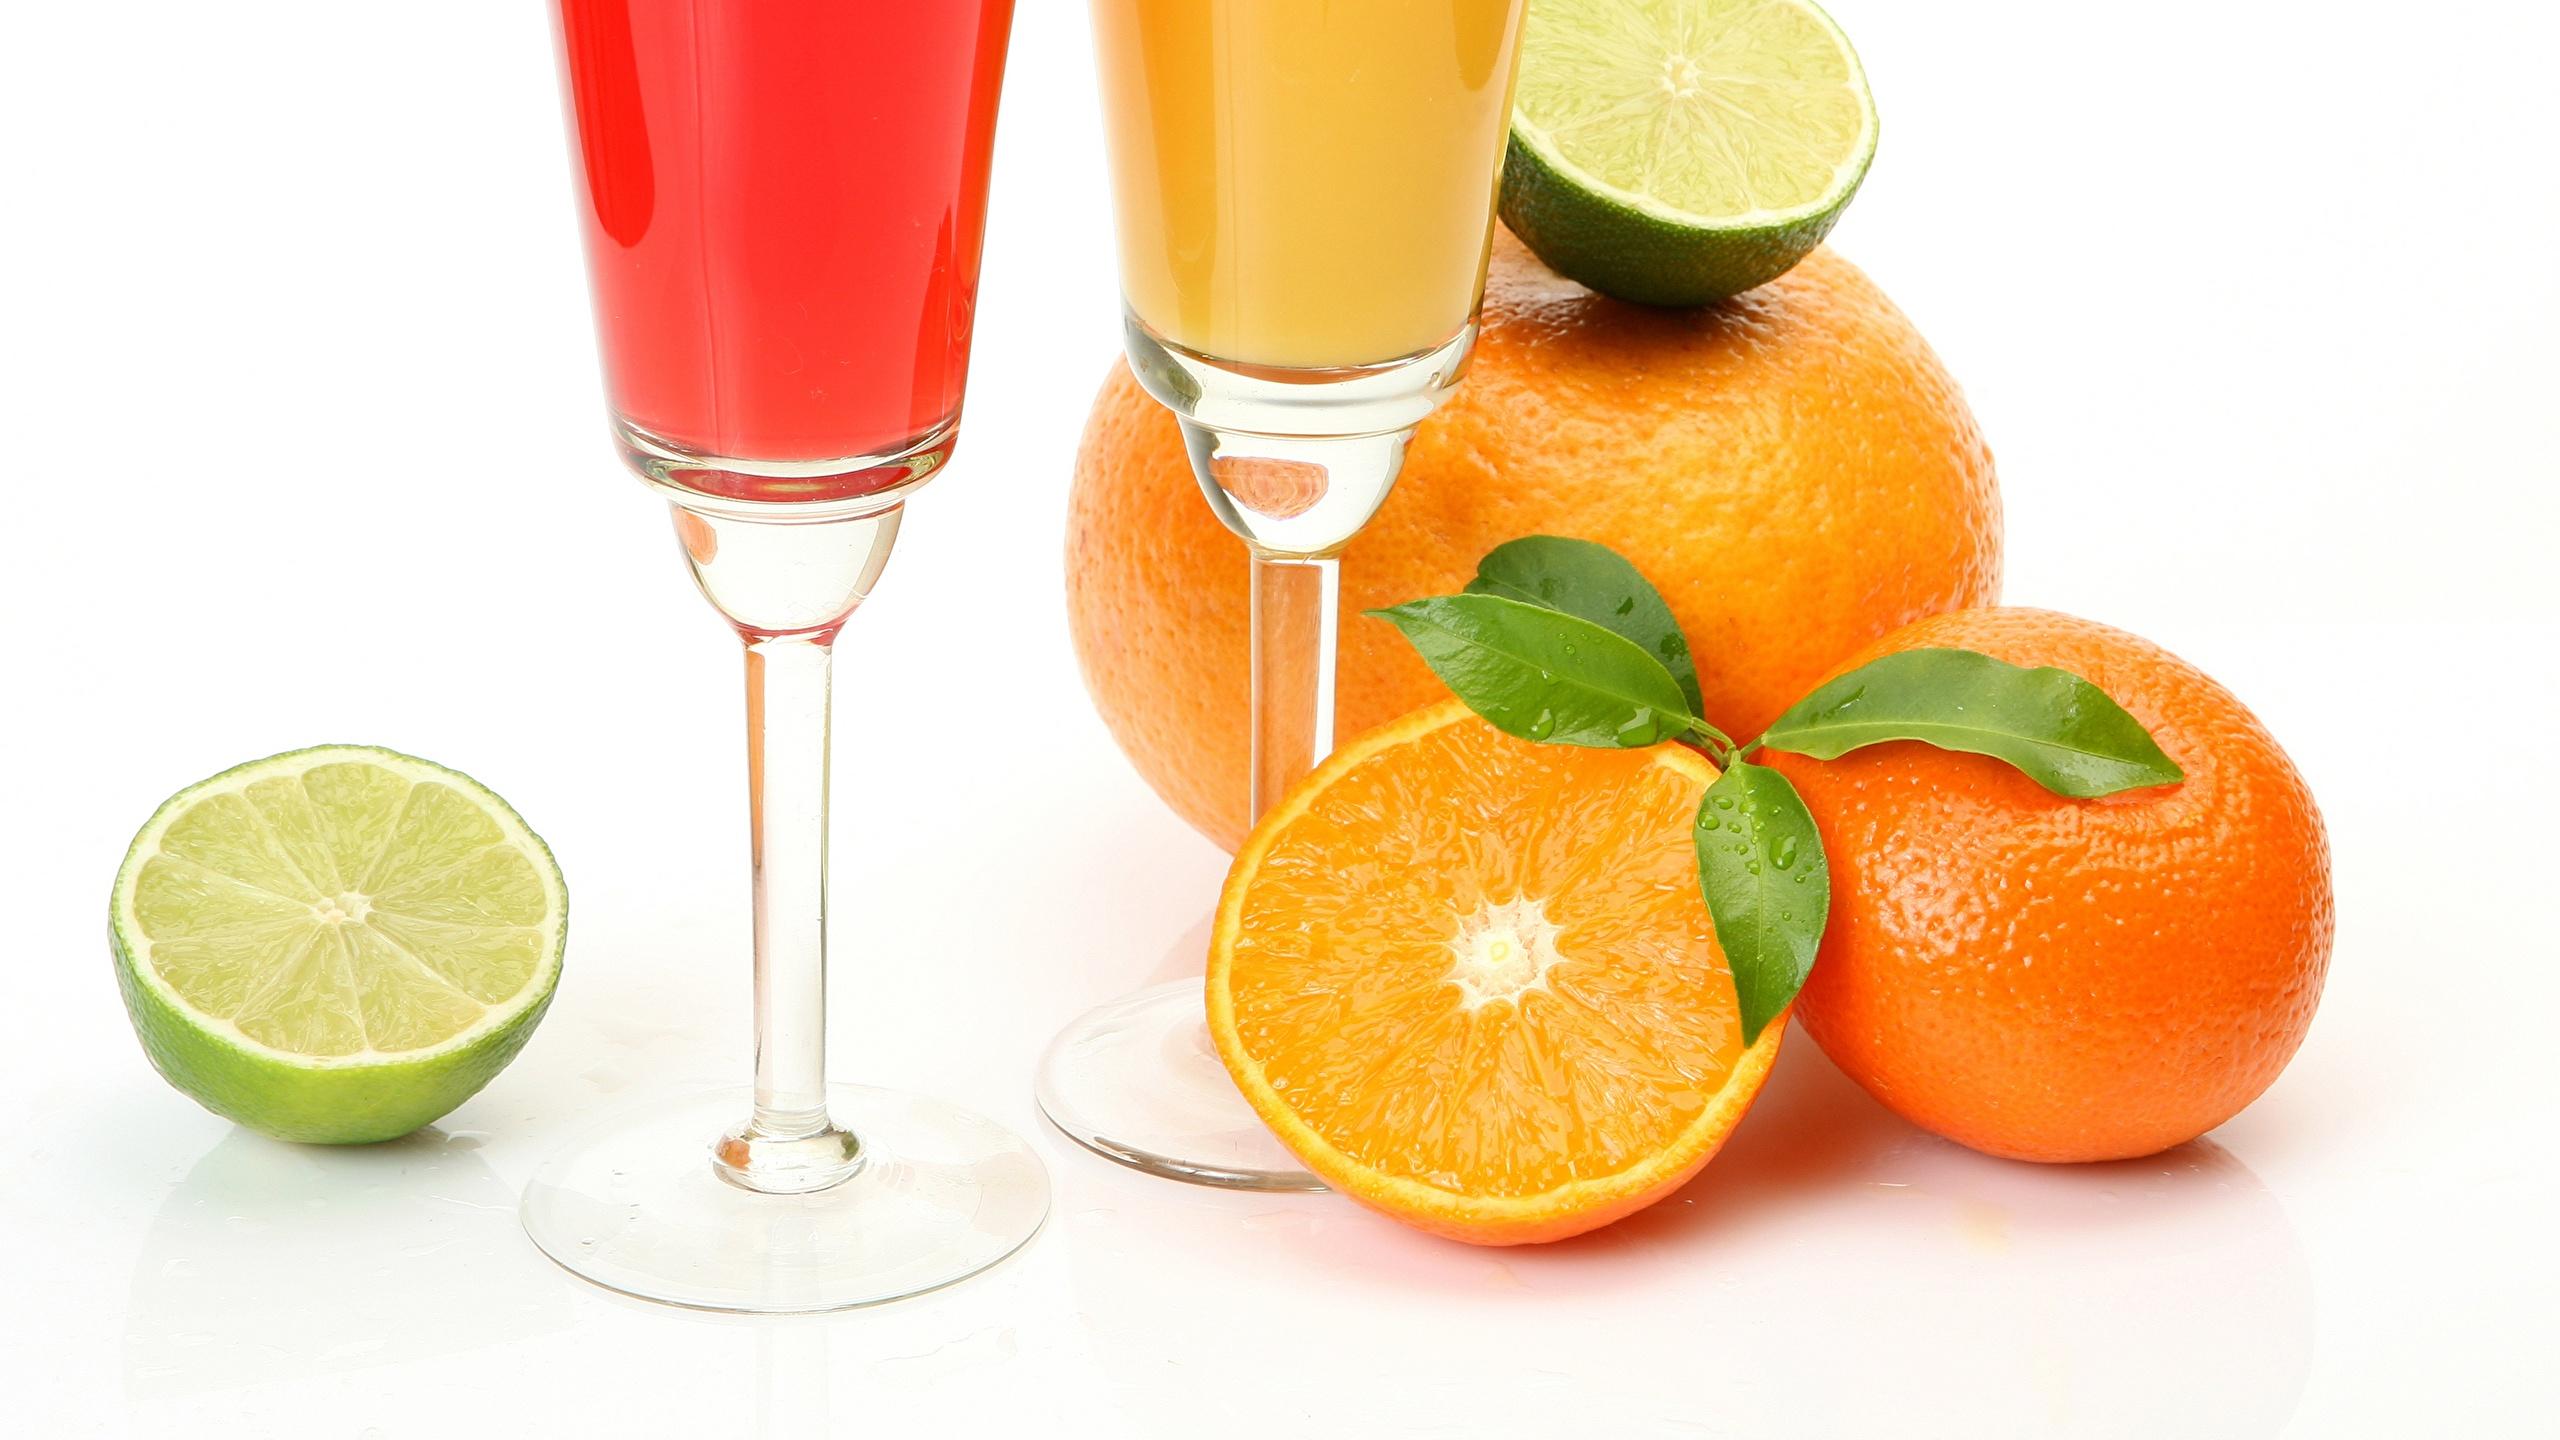 еда апельсин сок food orange juice загрузить